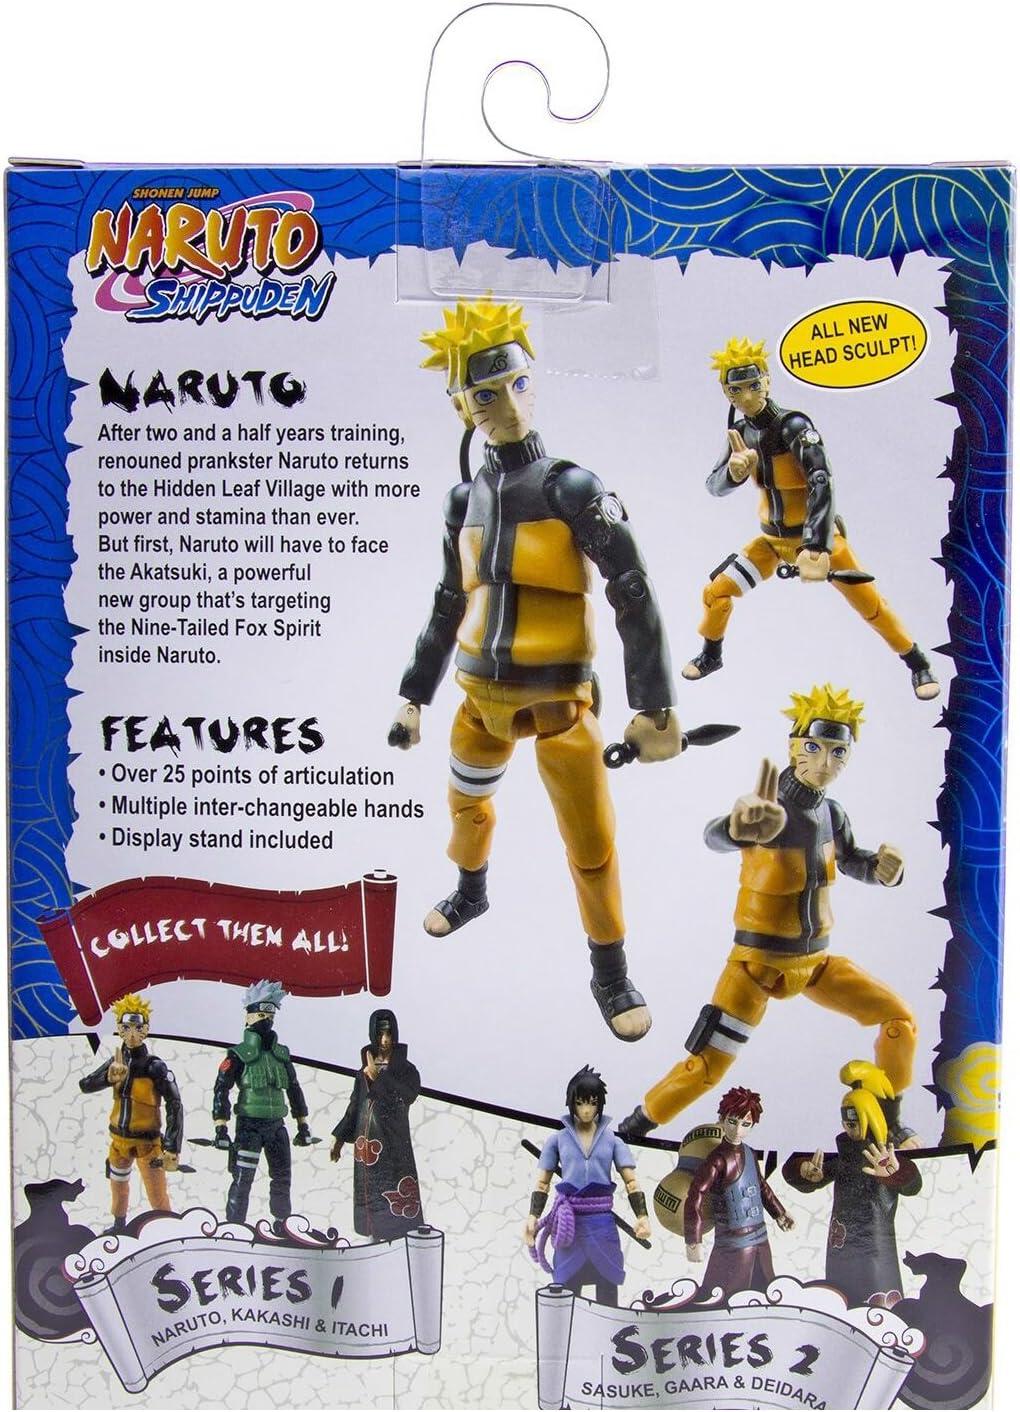 Naruto Poseable Action Figure Wave 1 Itachi Toynami